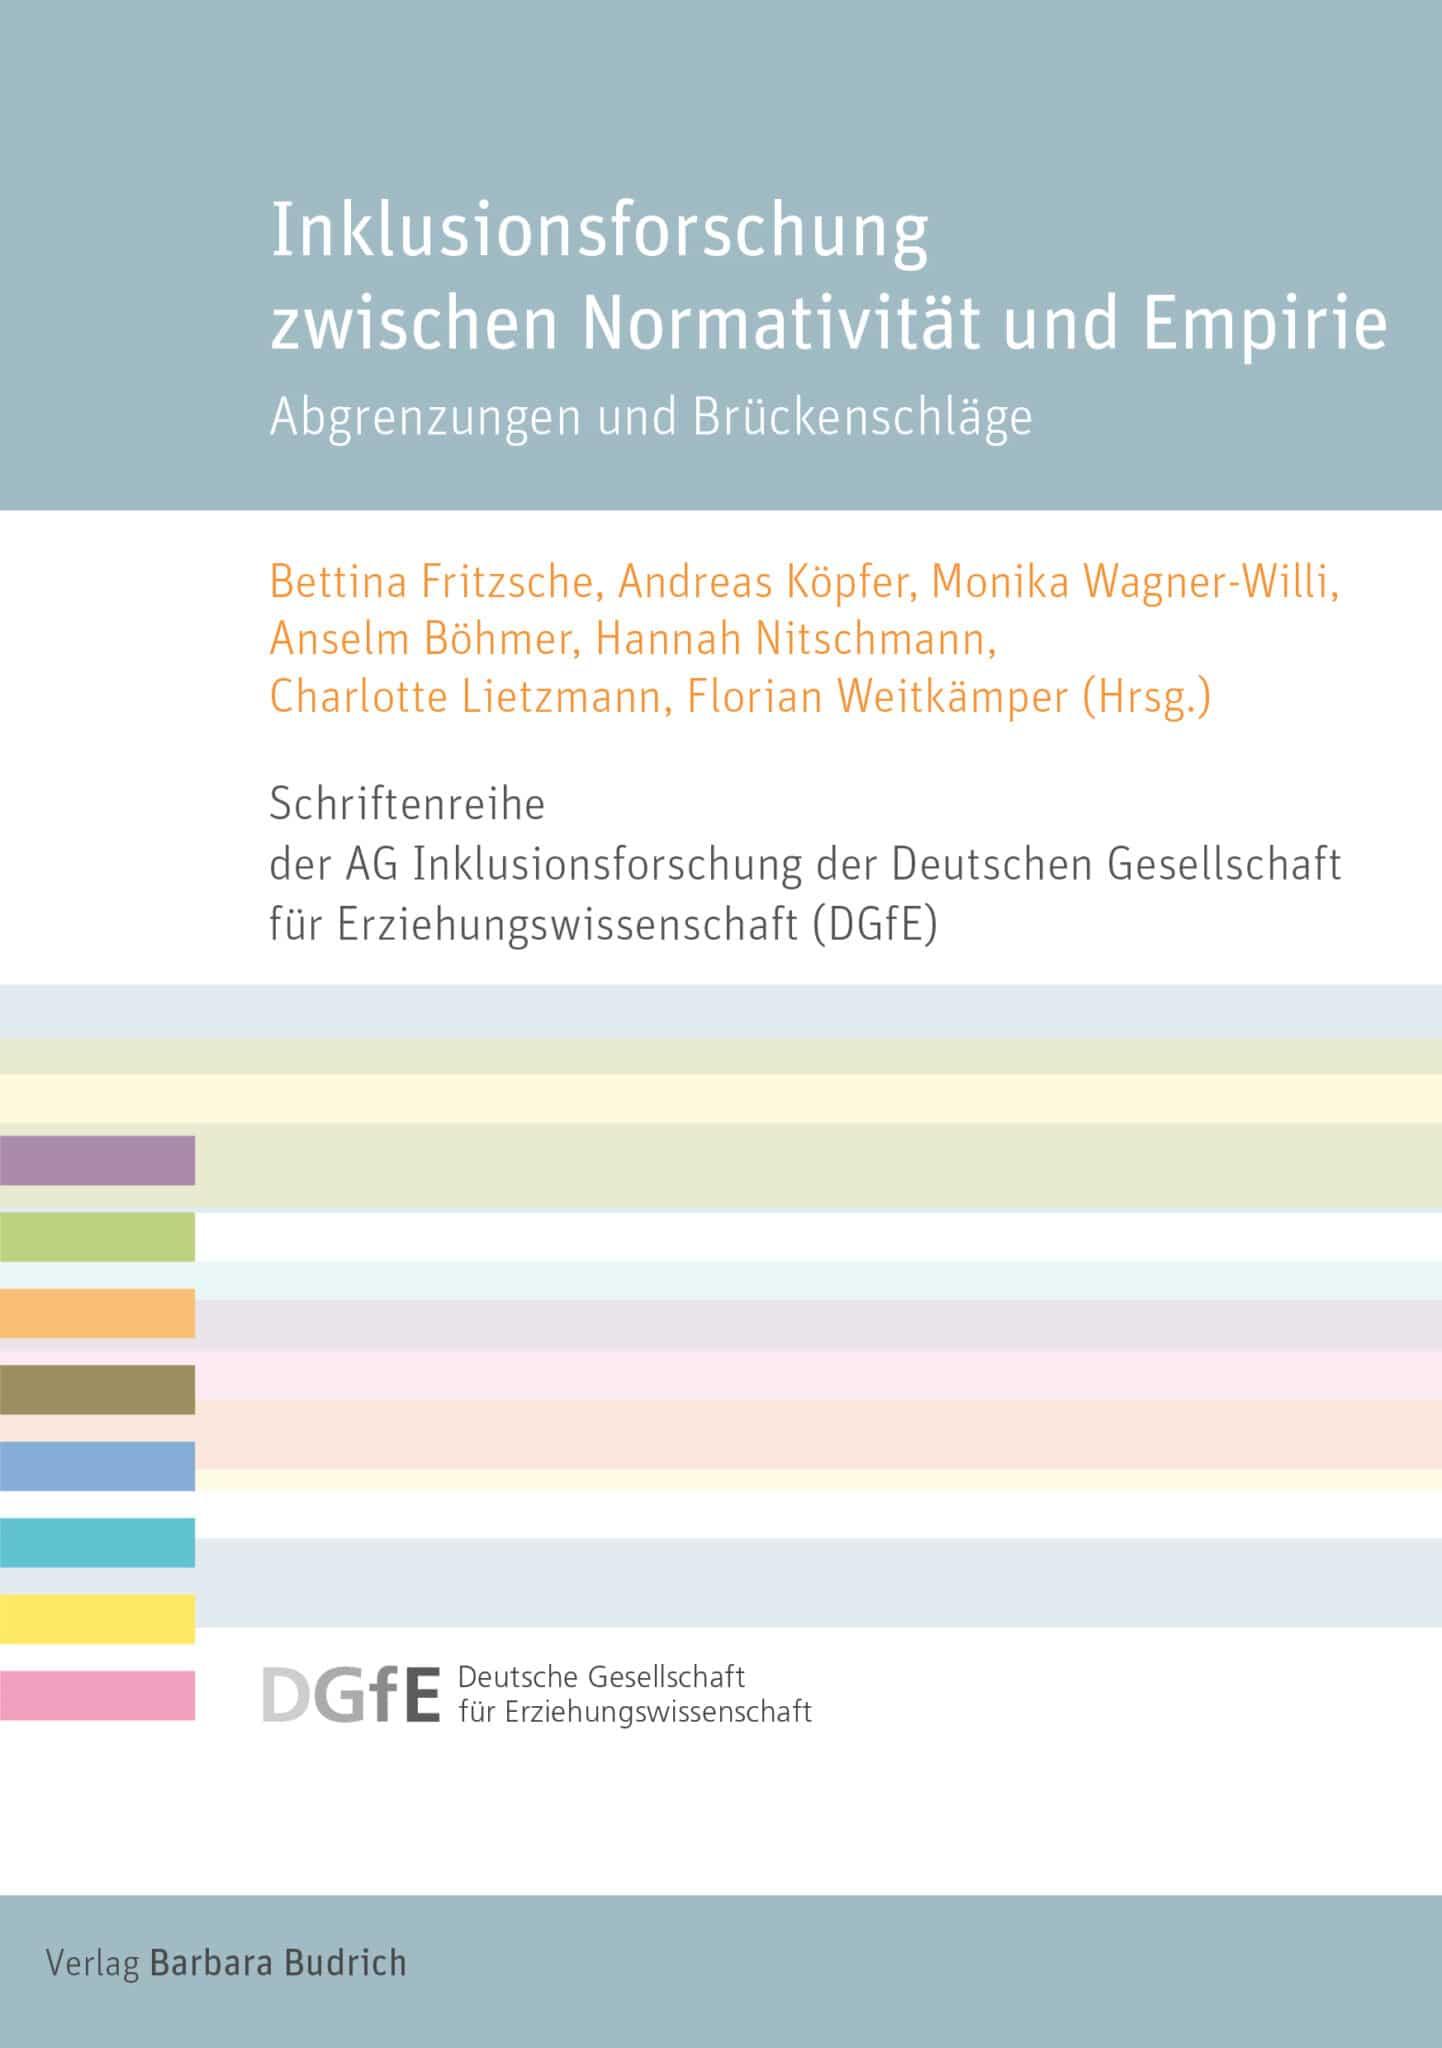 Fritzsche u.a. (Hrsg.): Inklusionsforschung zwischen Normativität und Empirie. Abgrenzungen und Brückenschläge. ISBN: 978-3-8474-2434-5. Verlag Barbara Budrich.